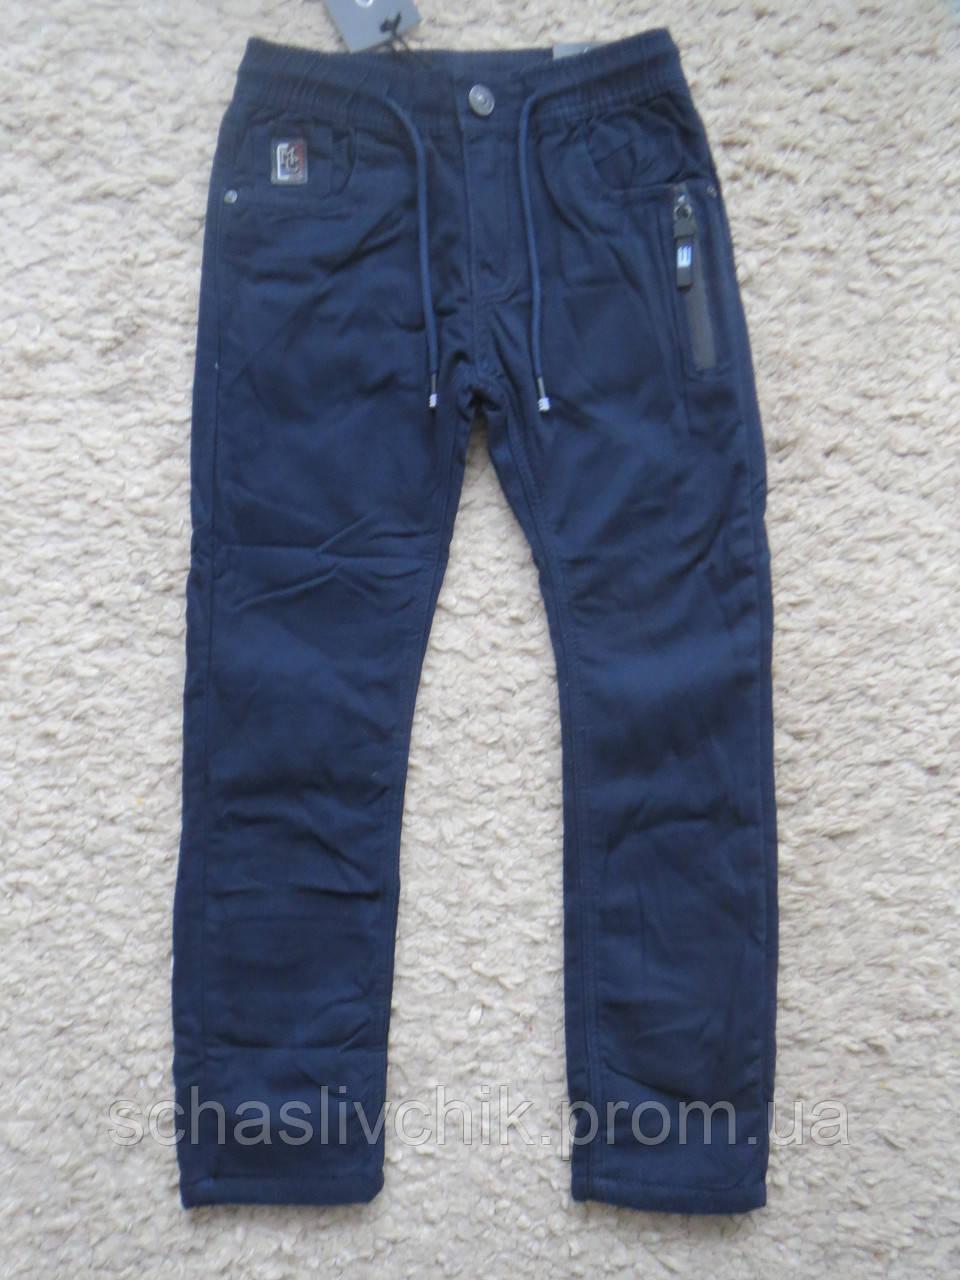 Котоновые брюки, Джинсы для мальчиков на флисе с Венгрии оптом , размер 116-146, фирма Grace